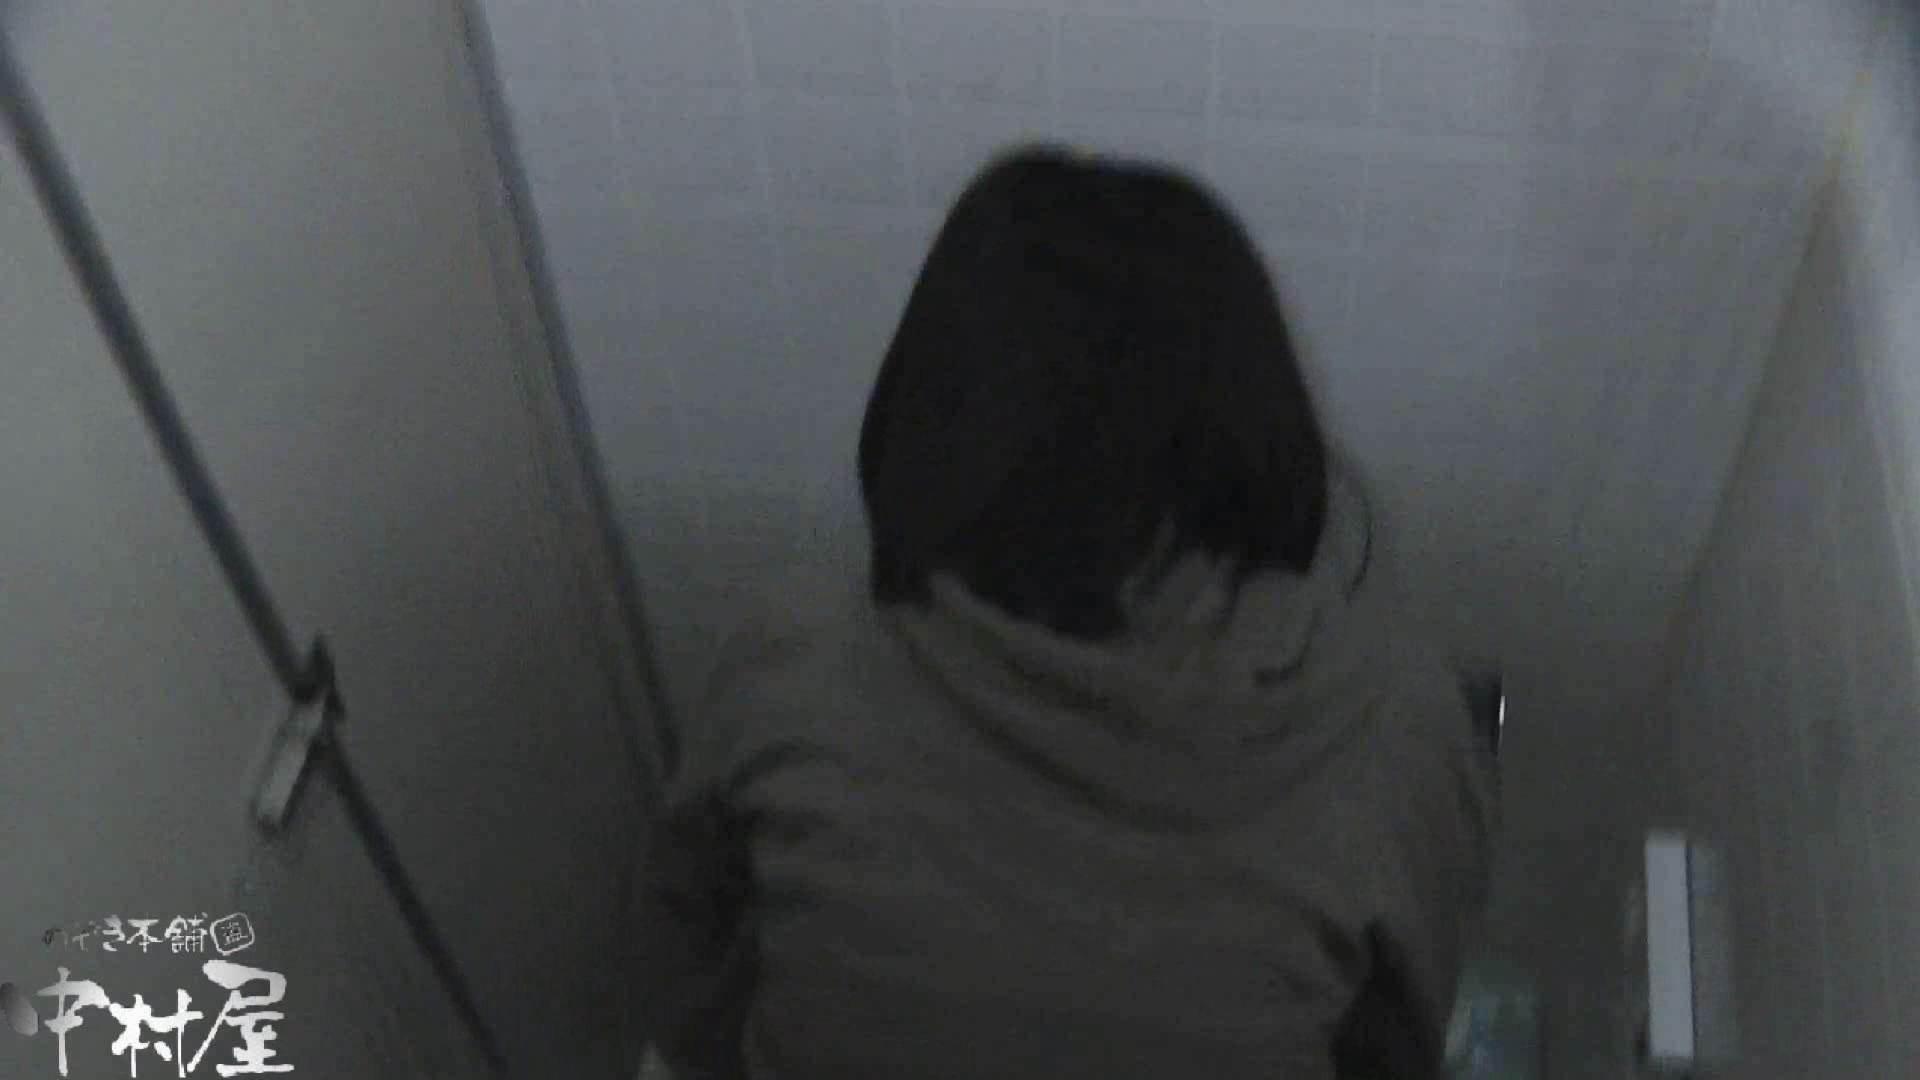 vol.28 命がけ潜伏洗面所! ヒクヒクしてますyo 洗面所 のぞきエロ無料画像 54画像 34